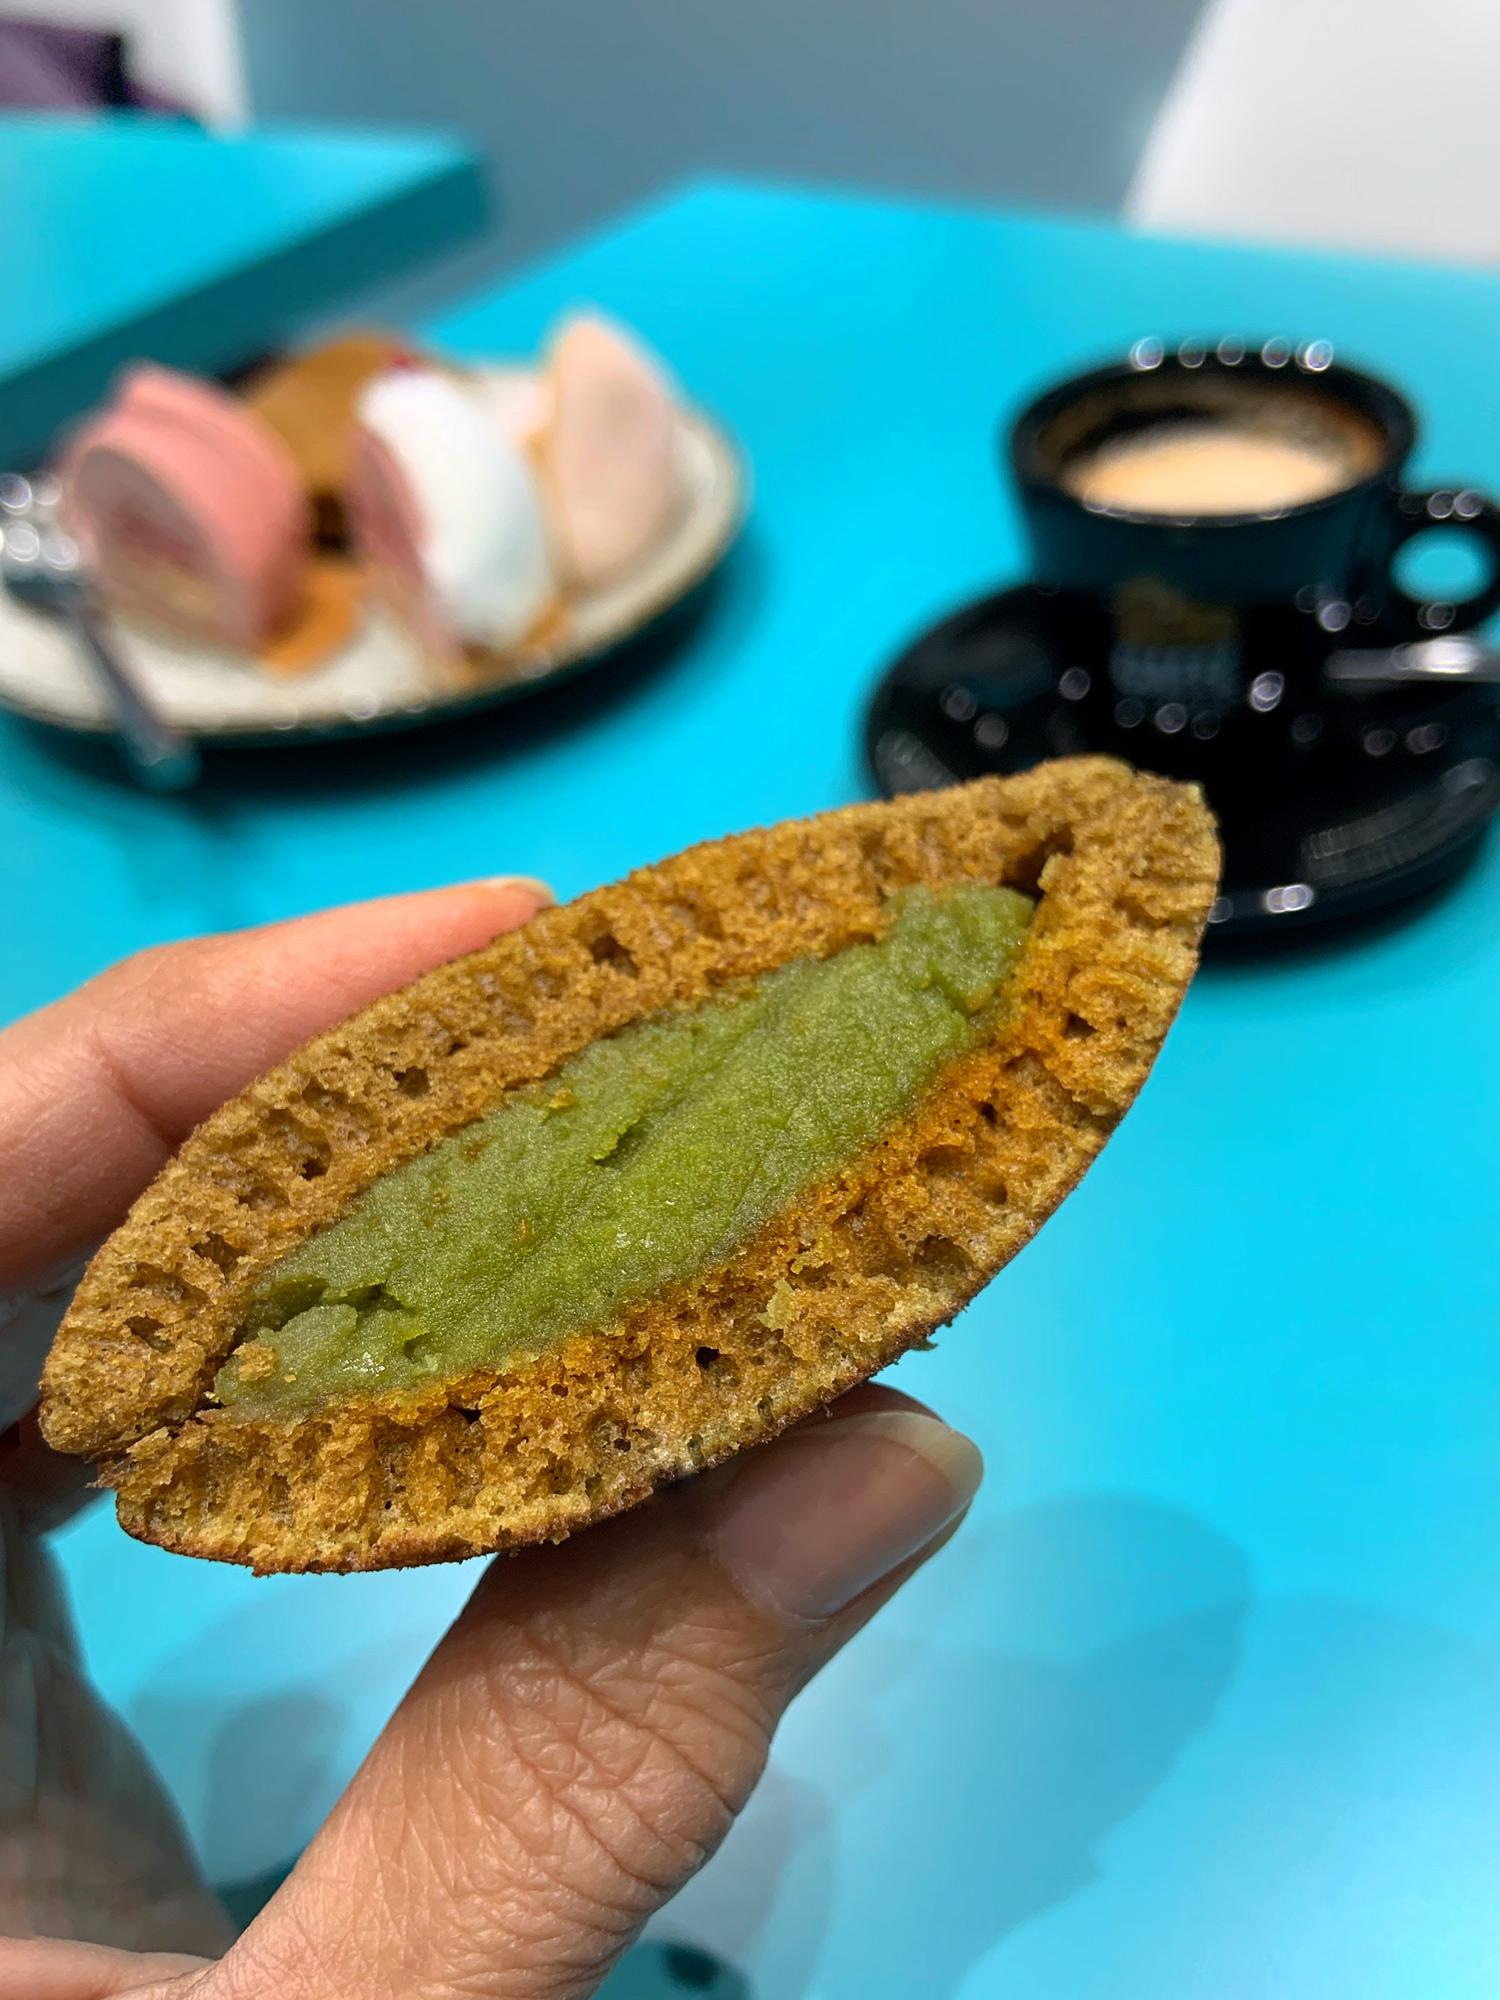 Dorayaki Matcha al tè verde, agrumi e fagioli bianchi, della pasticceria giapponese Hiromi Cake di Milano | ©foto Sandra Longinotti